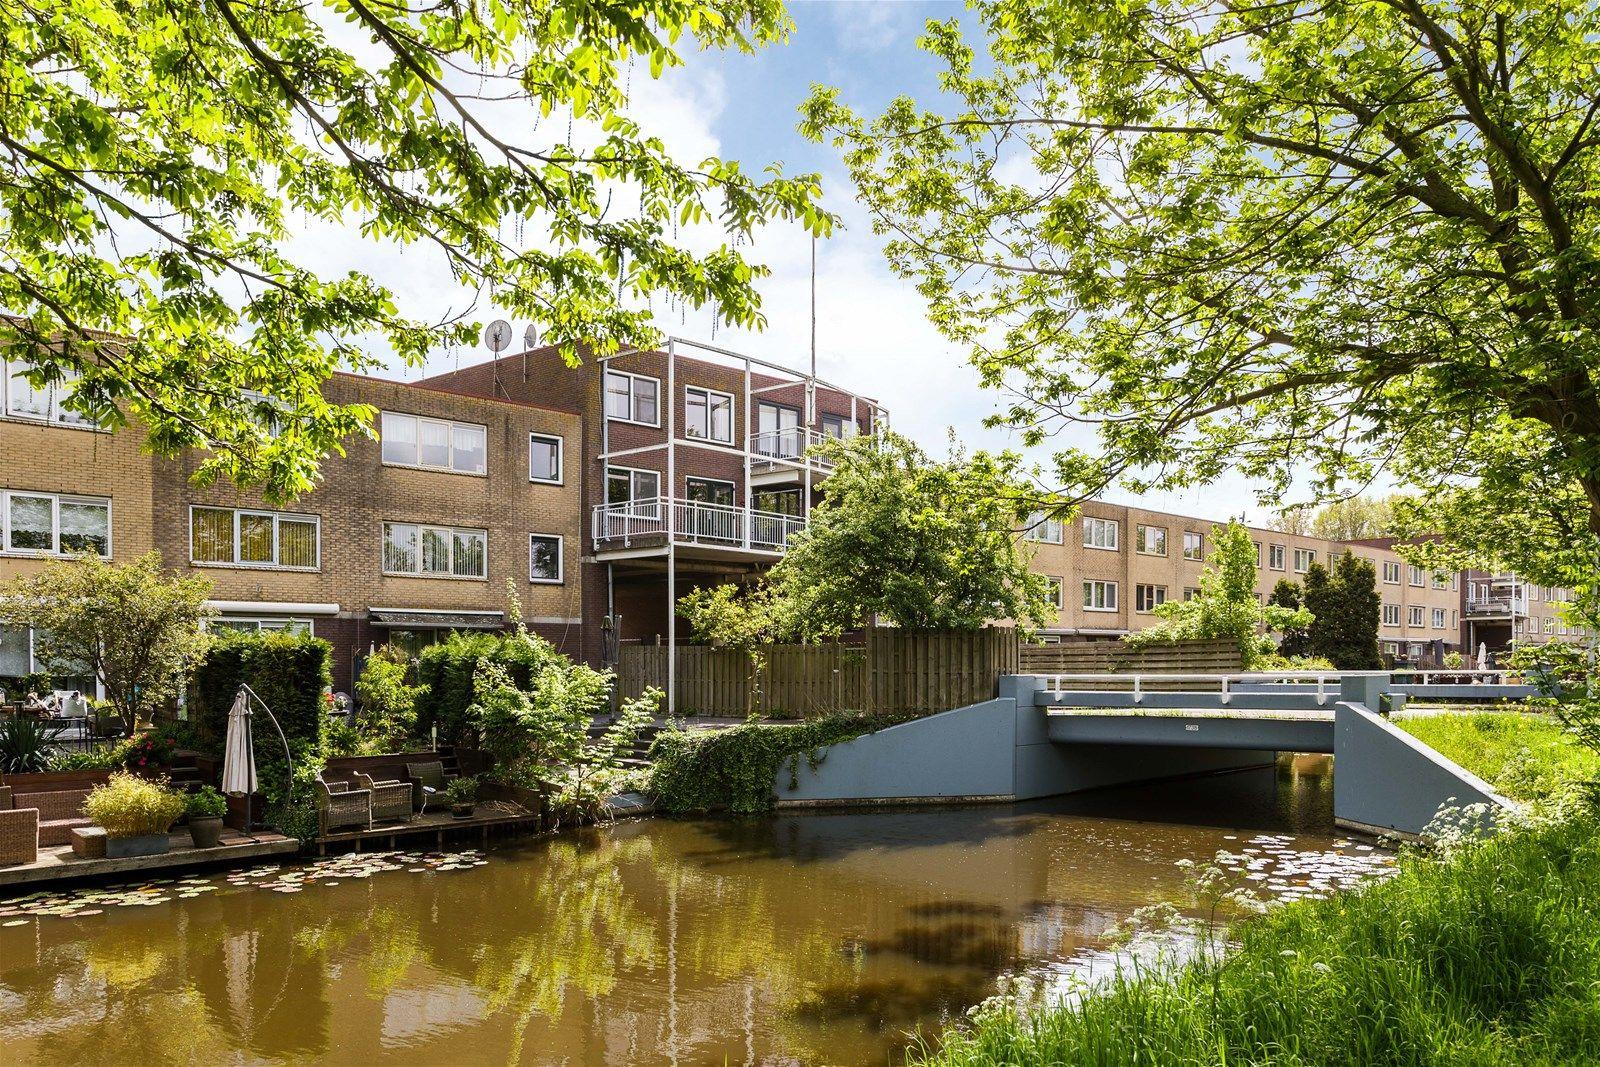 Potvisstraat 1, Amsterdam